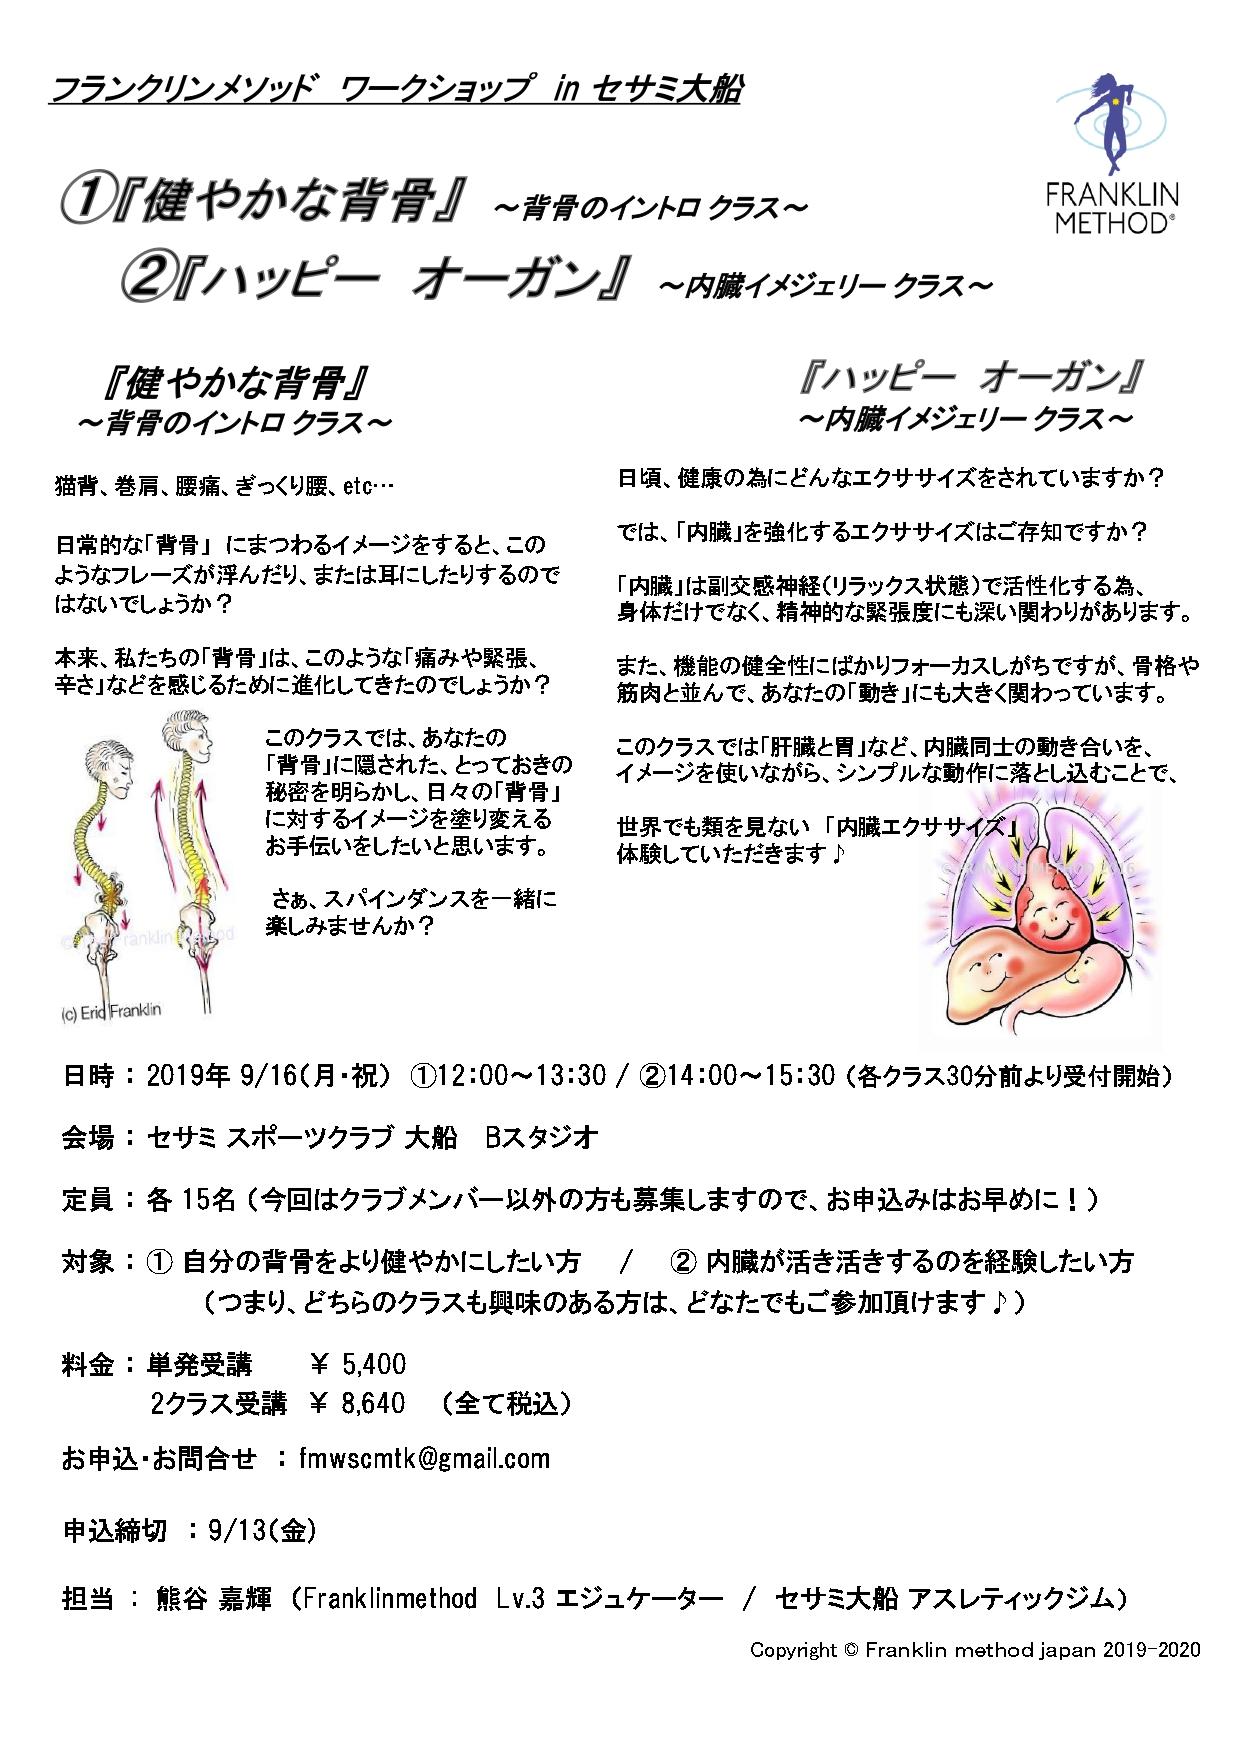 9/16(月・祝)神奈川  大船 熊谷嘉輝WS 「背骨イントロ・内臓イメジェリー」